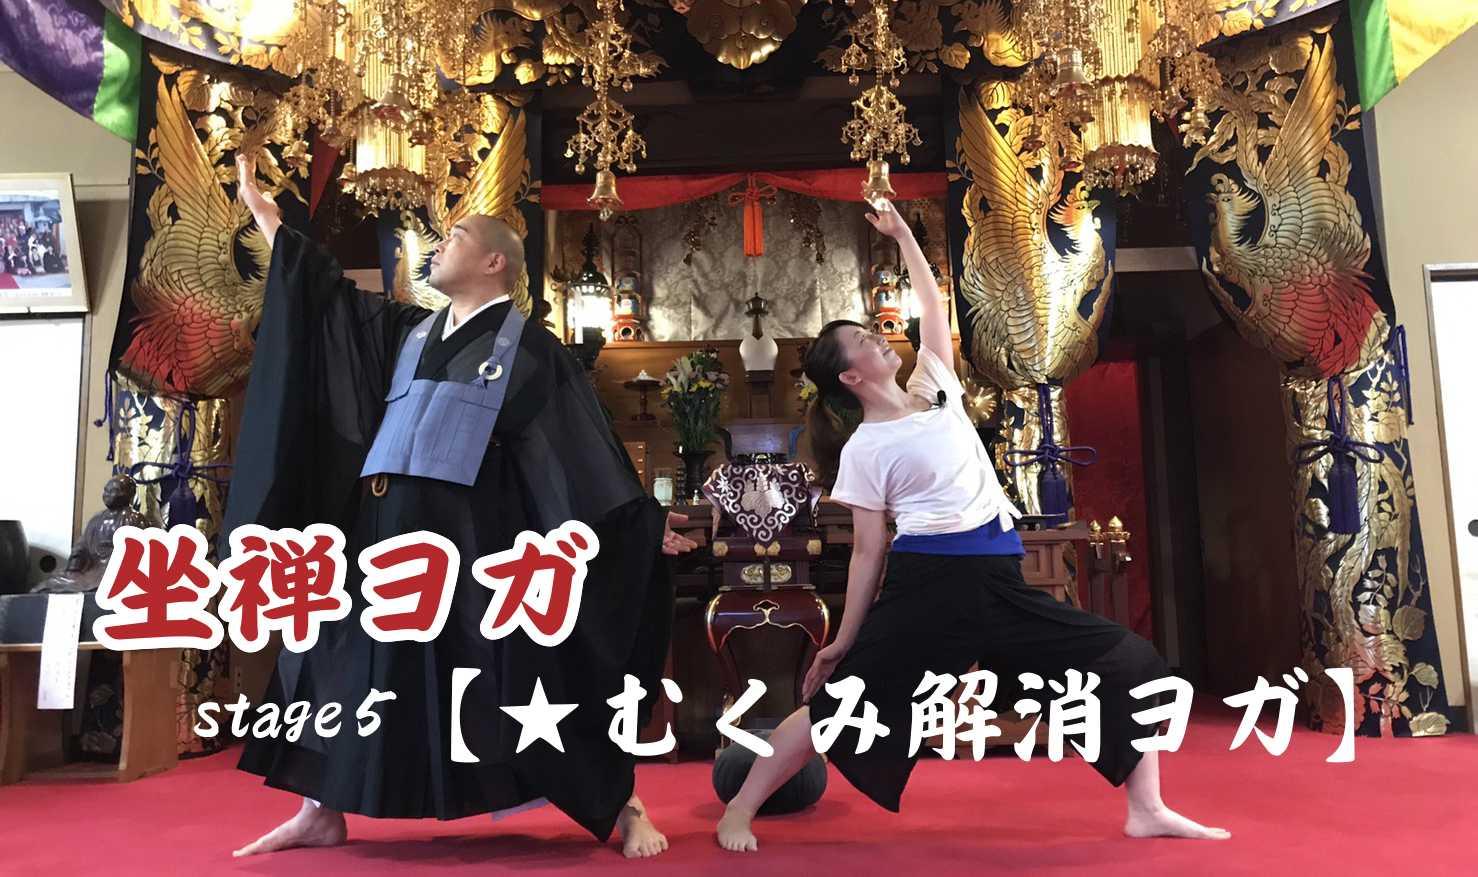 盛徳寺 座禅ヨガ stage5 【★むくみ解消ヨガ】